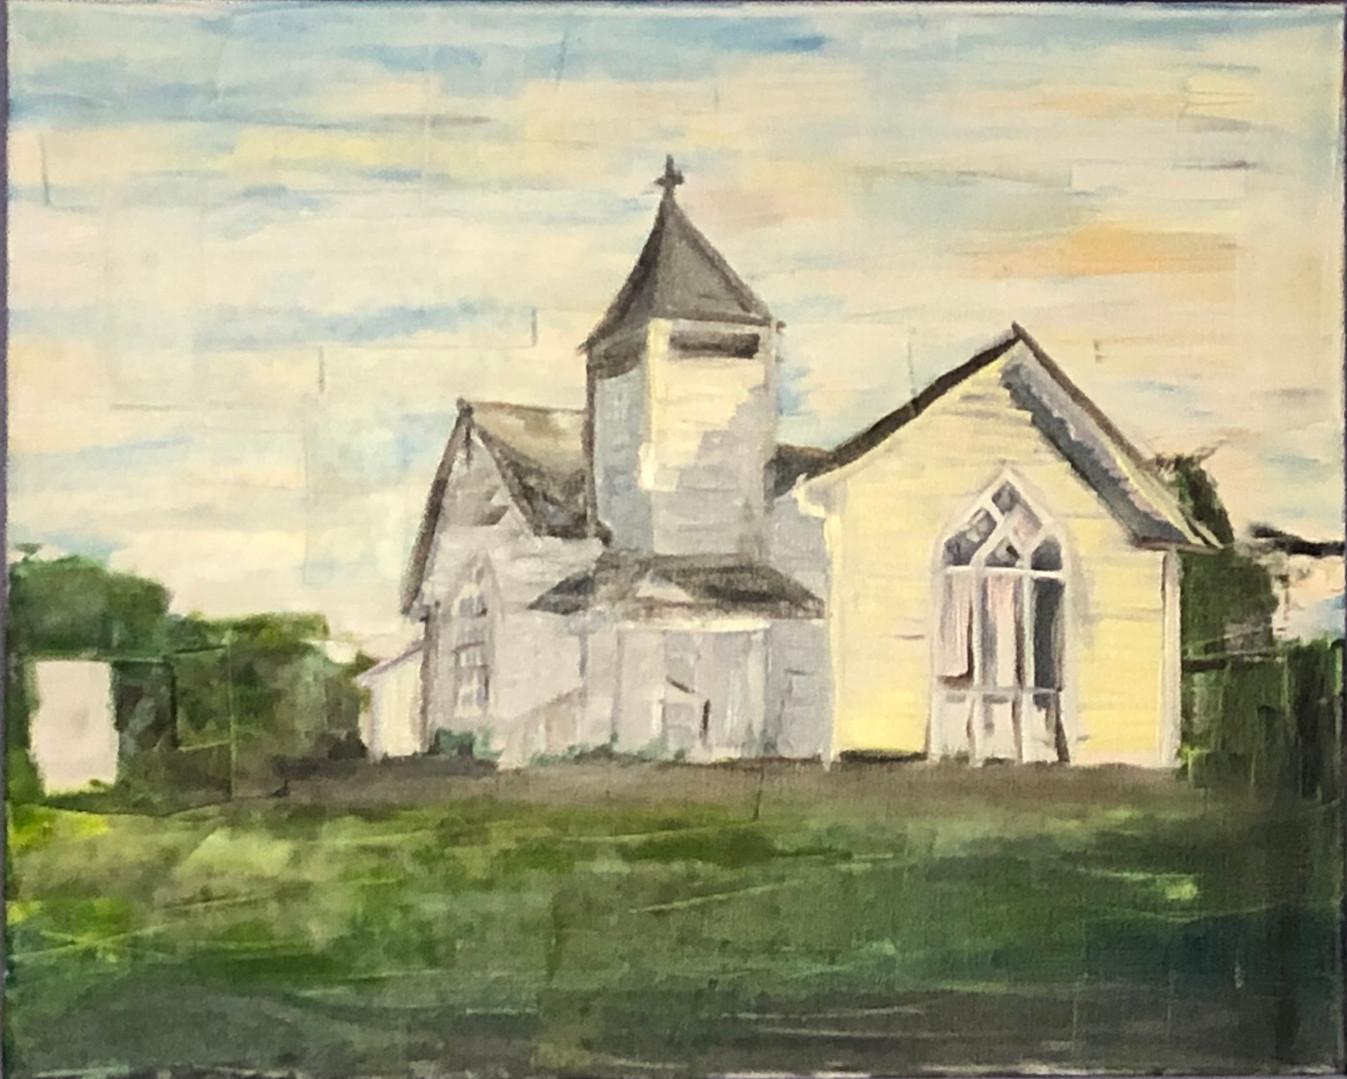 Mt. Zion Methodist Church